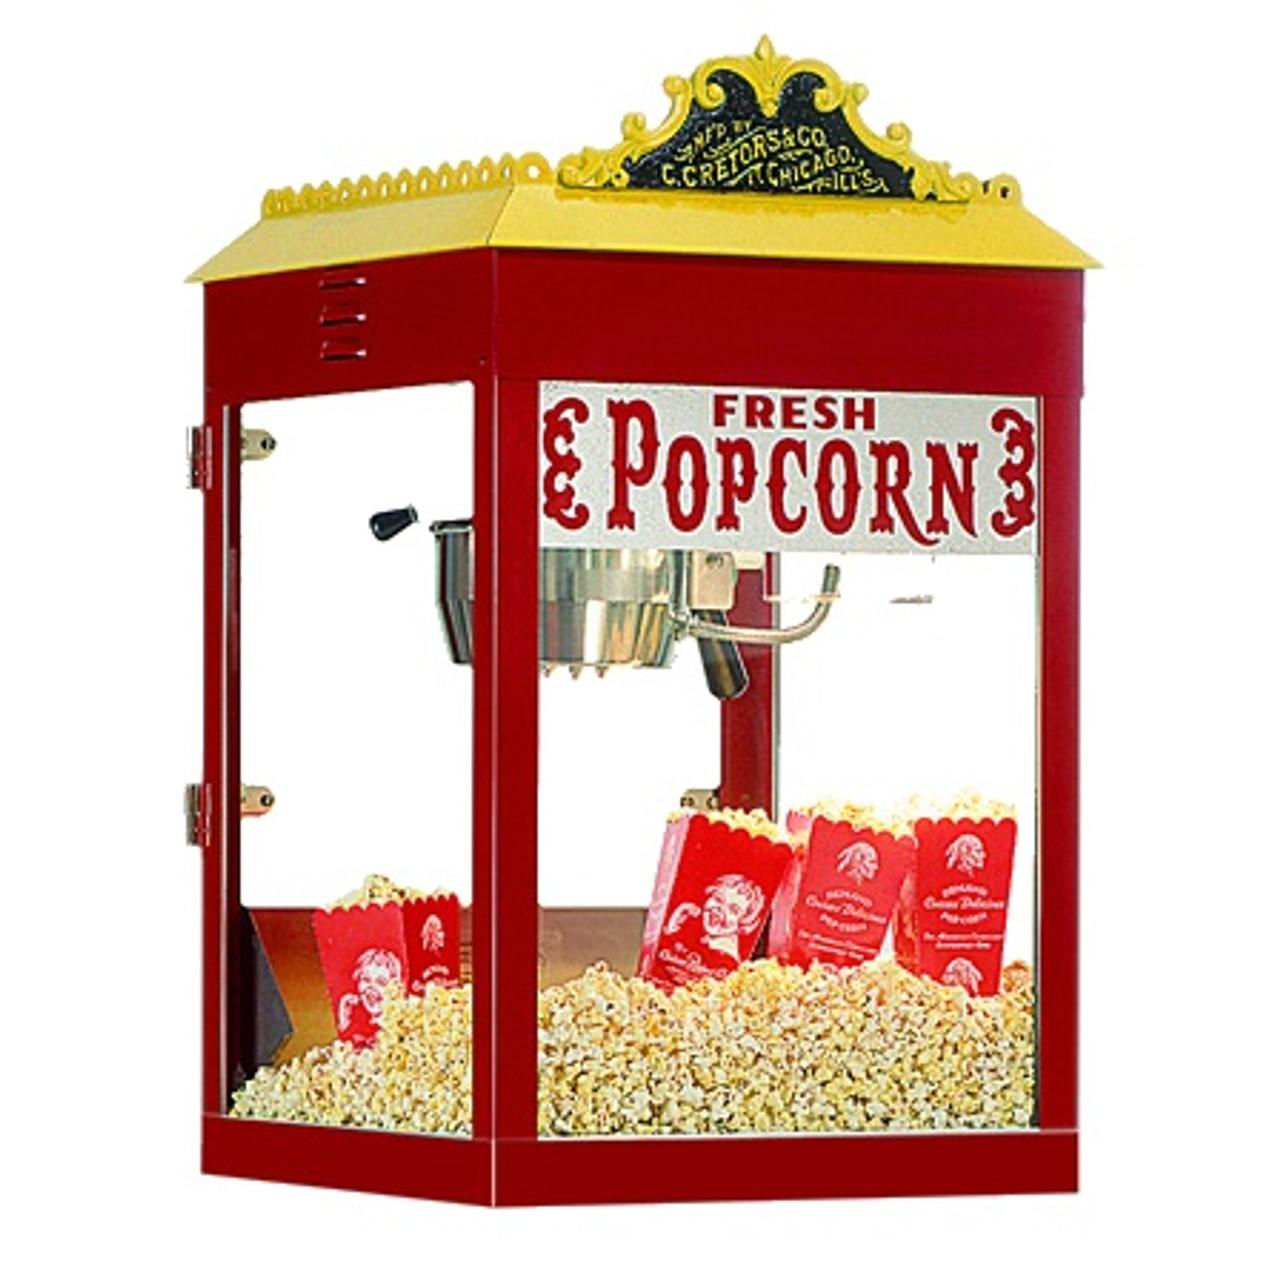 Antique T2000 Popcorn Machine - 8oz Kettle Size